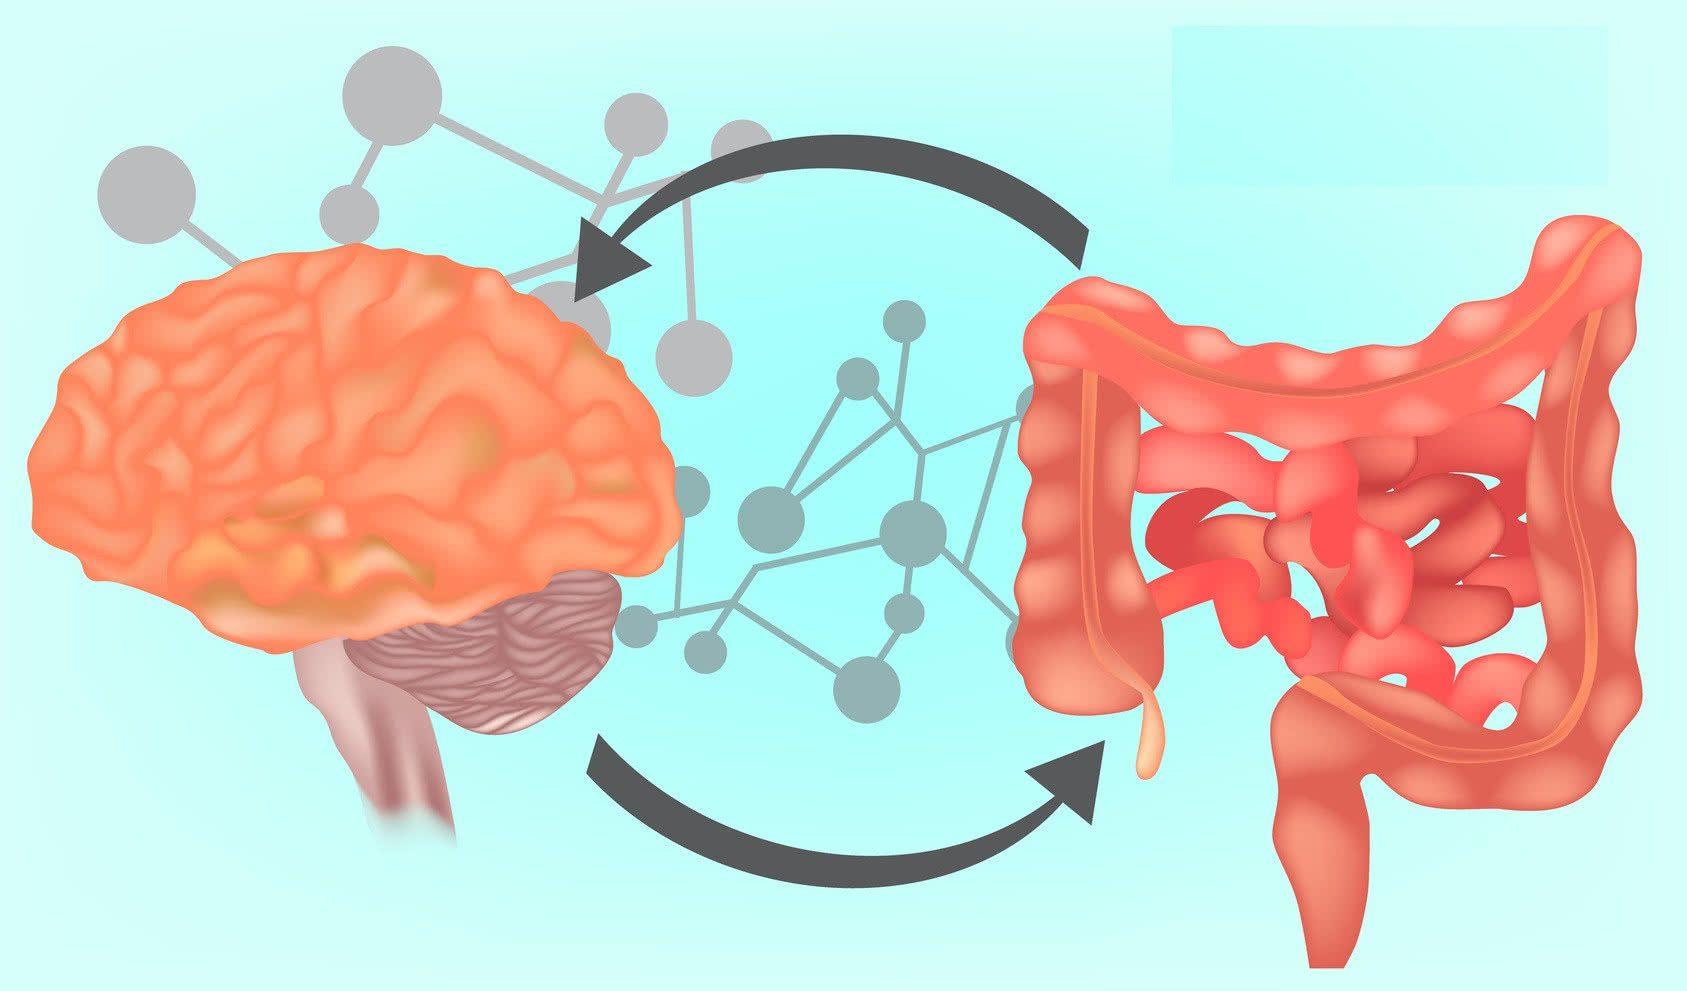 Функциональная неврология: что такое ось кишечника и мозга? | Эль Пасо, Техас Хиропрактик